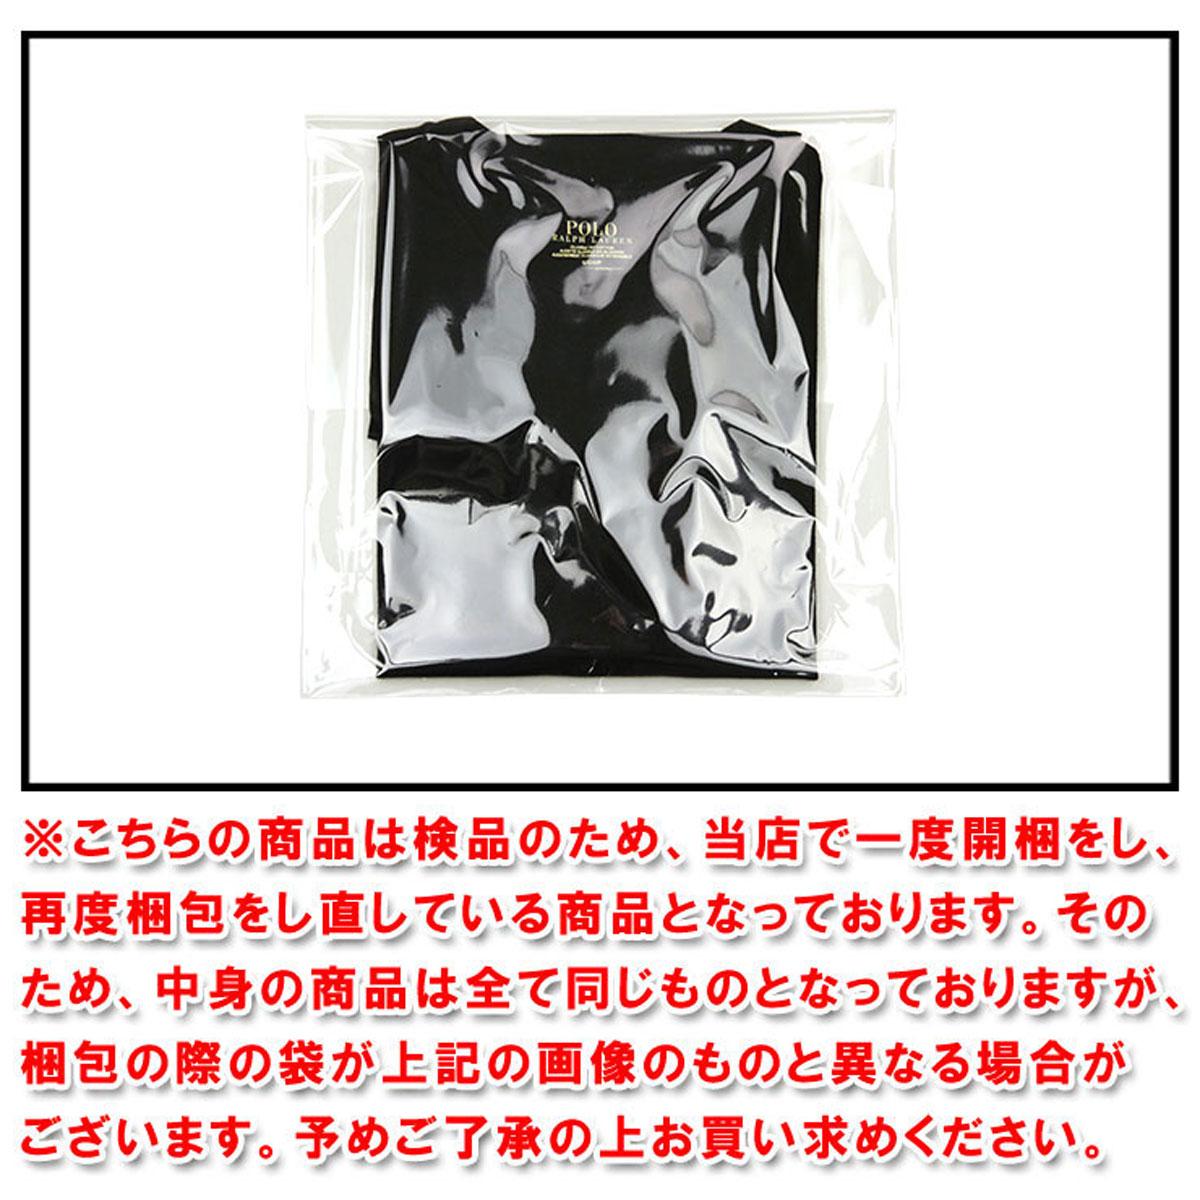 ポロ ラルフローレン POLO RALPH LAUREN 正規品 メンズ アンダーウェア タンクトップCLASSIC TANK BLACK A05B B1C C7D D3E E13F